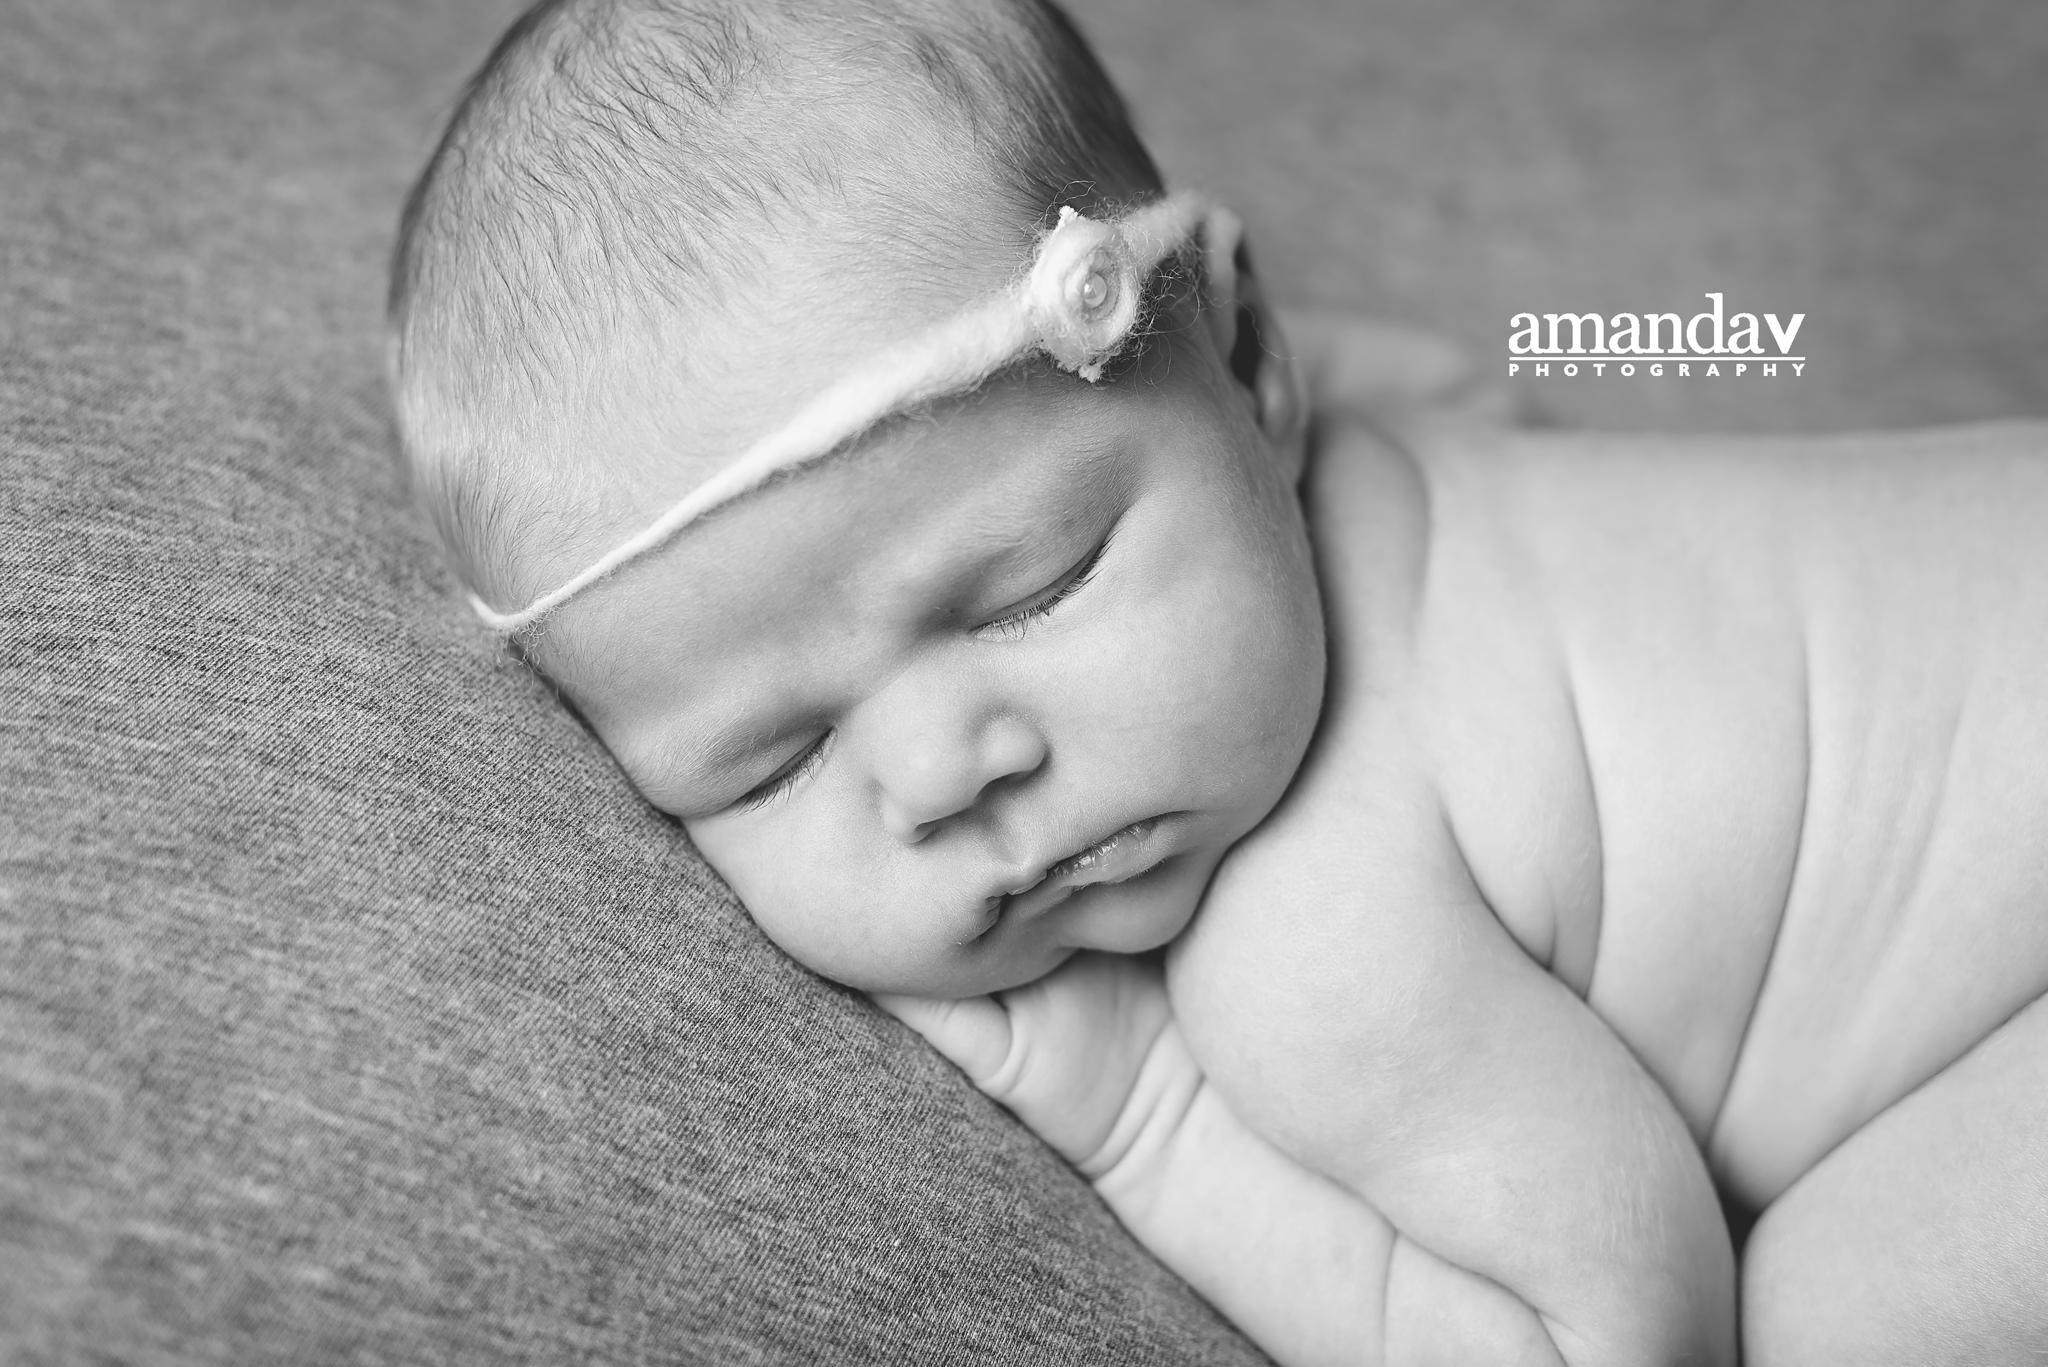 black and white newborn image